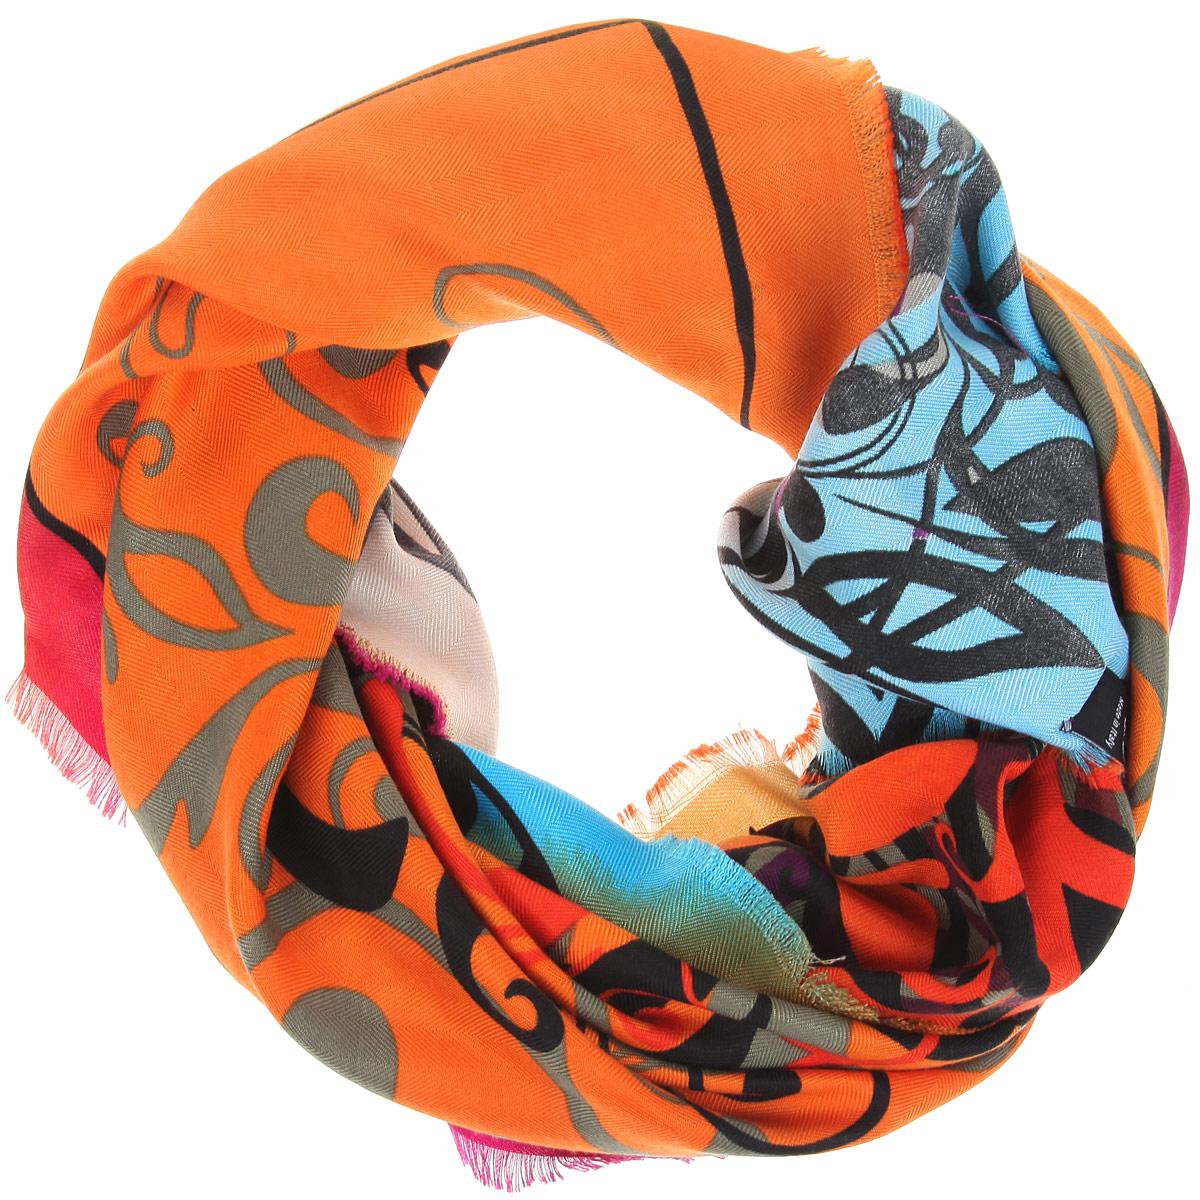 Платок женский Sophie Ramage, цвет: оранжевый, мультиколор. BH-11531-15. Размер 90 см х 90 смBH-11531-15Элегантный платок от Sophie Ramage внесет изысканные нотки в ваш образ. Модель выполнена из модала с добавлением кашемира и декорирована изумительным орнаментом. Края платка оформлены бахромой.Этот модный аксессуар женского гардероба гармонично дополнит образ современной женщины, следящей за своим имиджем и стремящейся всегда оставаться стильной и женственной.